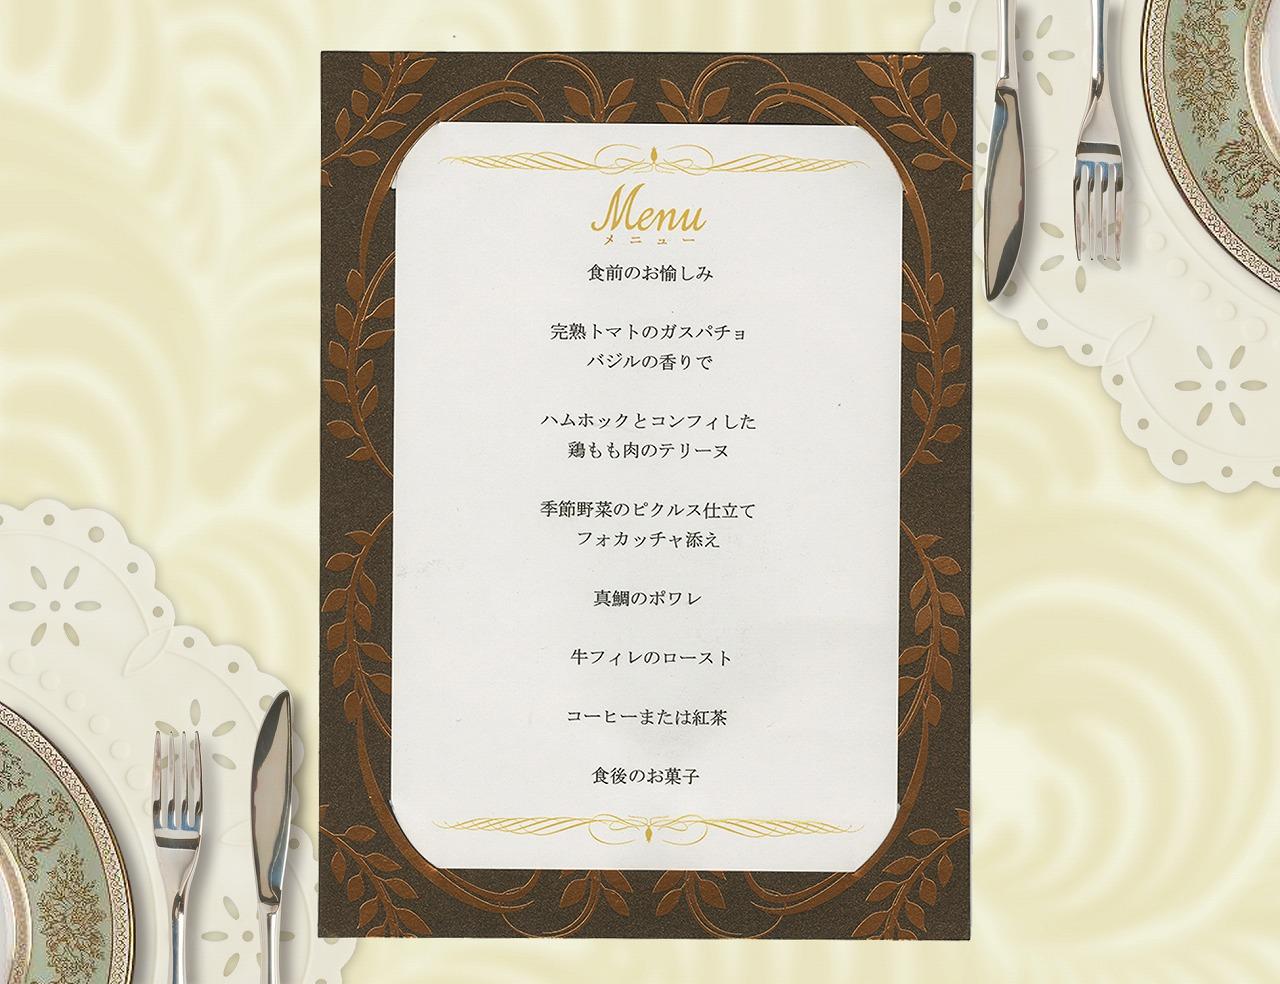 結婚式メニュー表-ロマネスク(ブロンズ) 手作りメニュー表